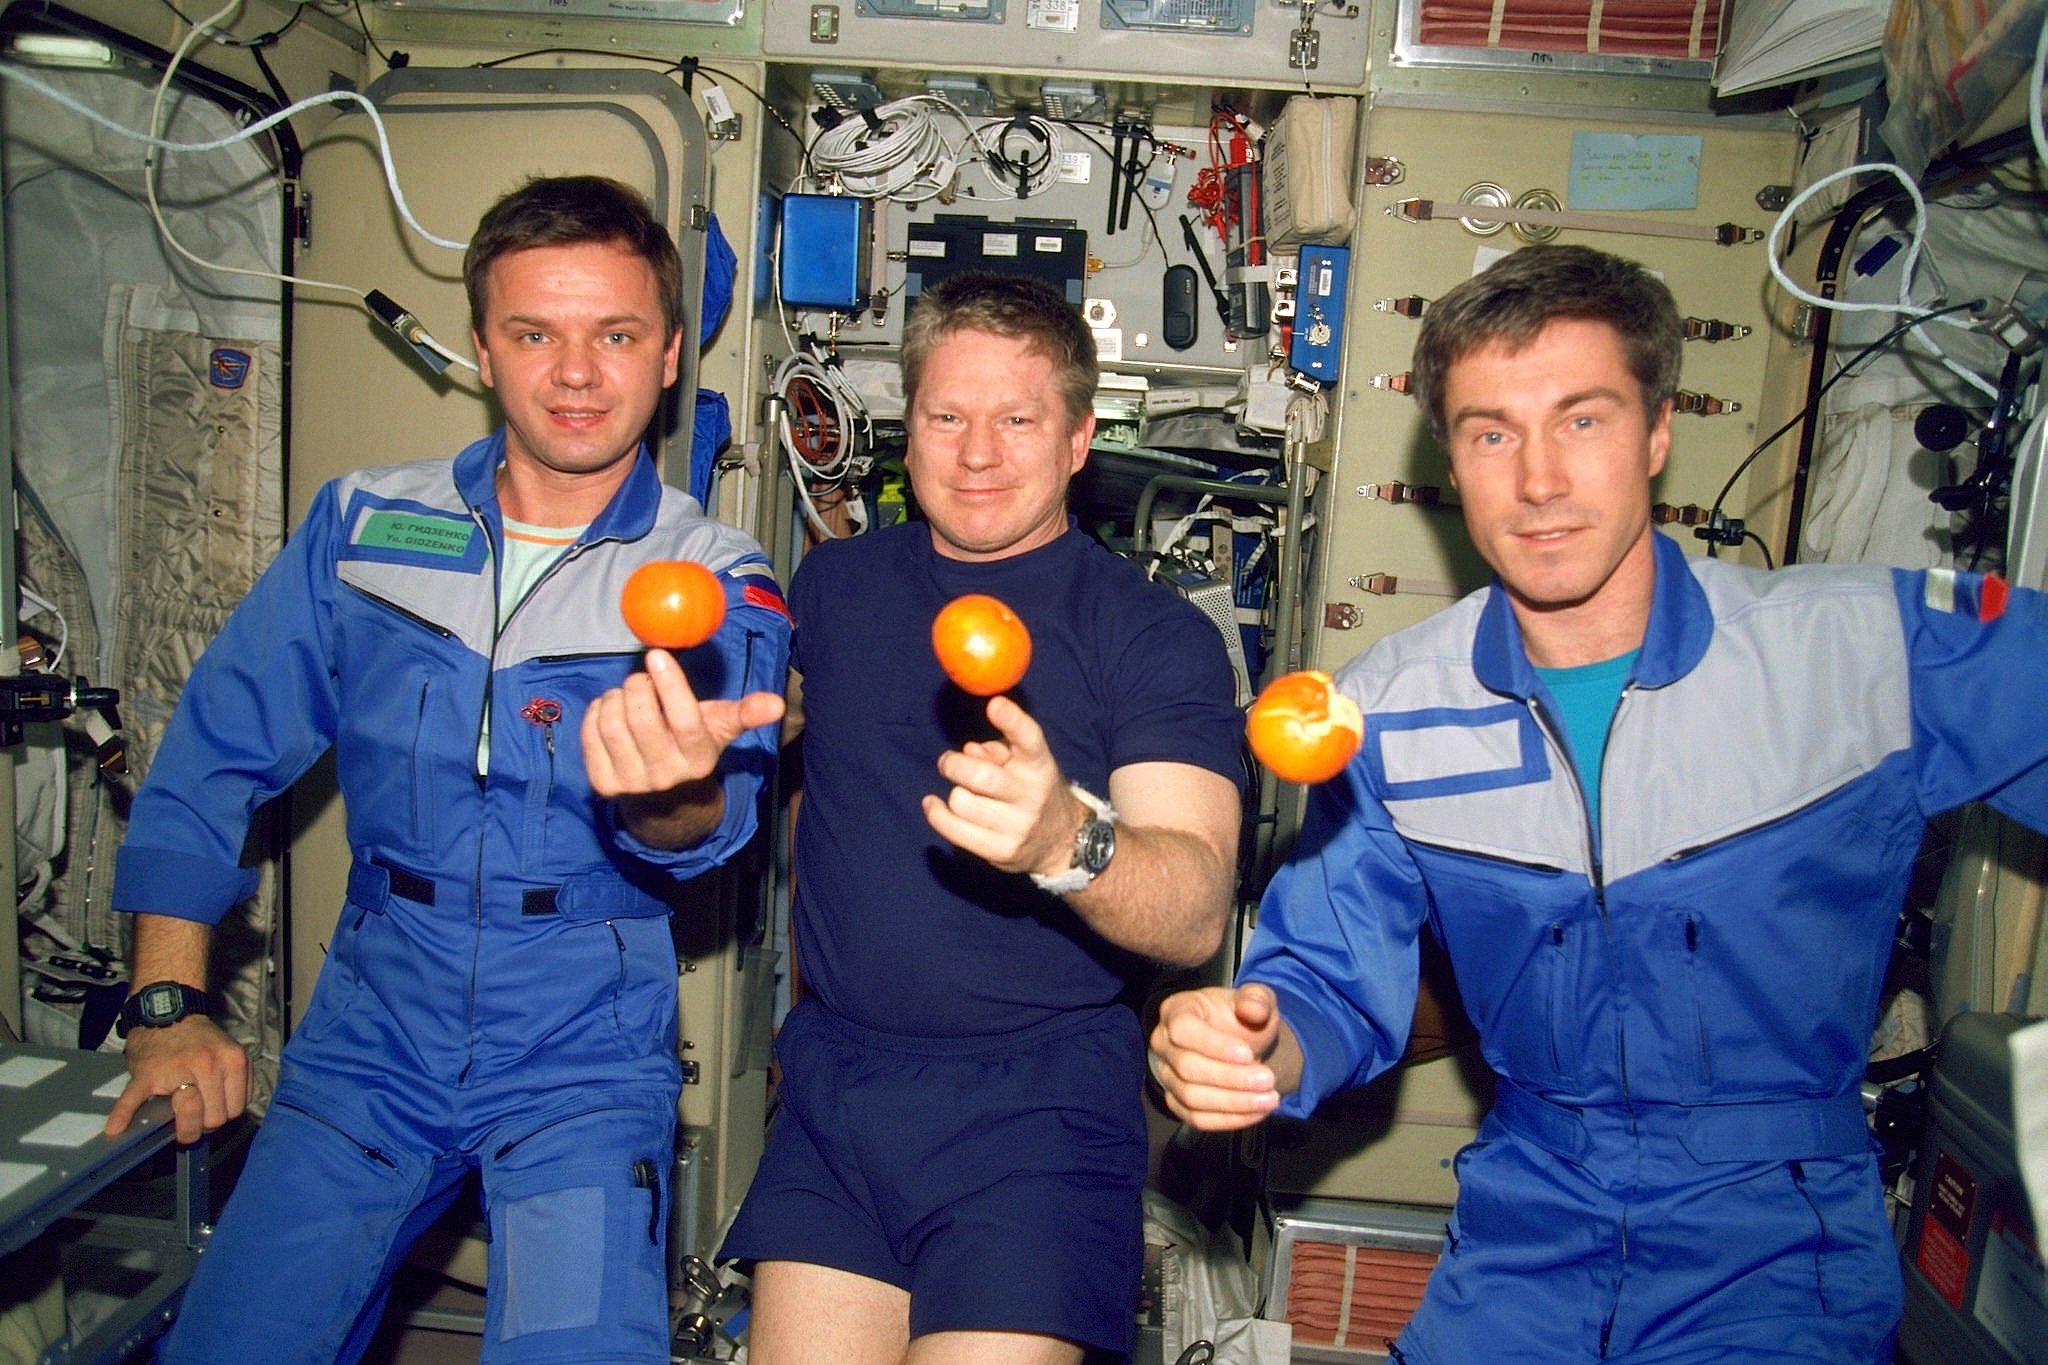 Sie waren die erste Langzeitbesatzung auf der ISS (v.l.): Juri Pawlowitsch Gidsenko, William McMichael Shepherd und Sergei Konstantinowitsch Krikaljow lebten vom2. November 2000 bis zum 18. März 2001 an Bord der ISS.